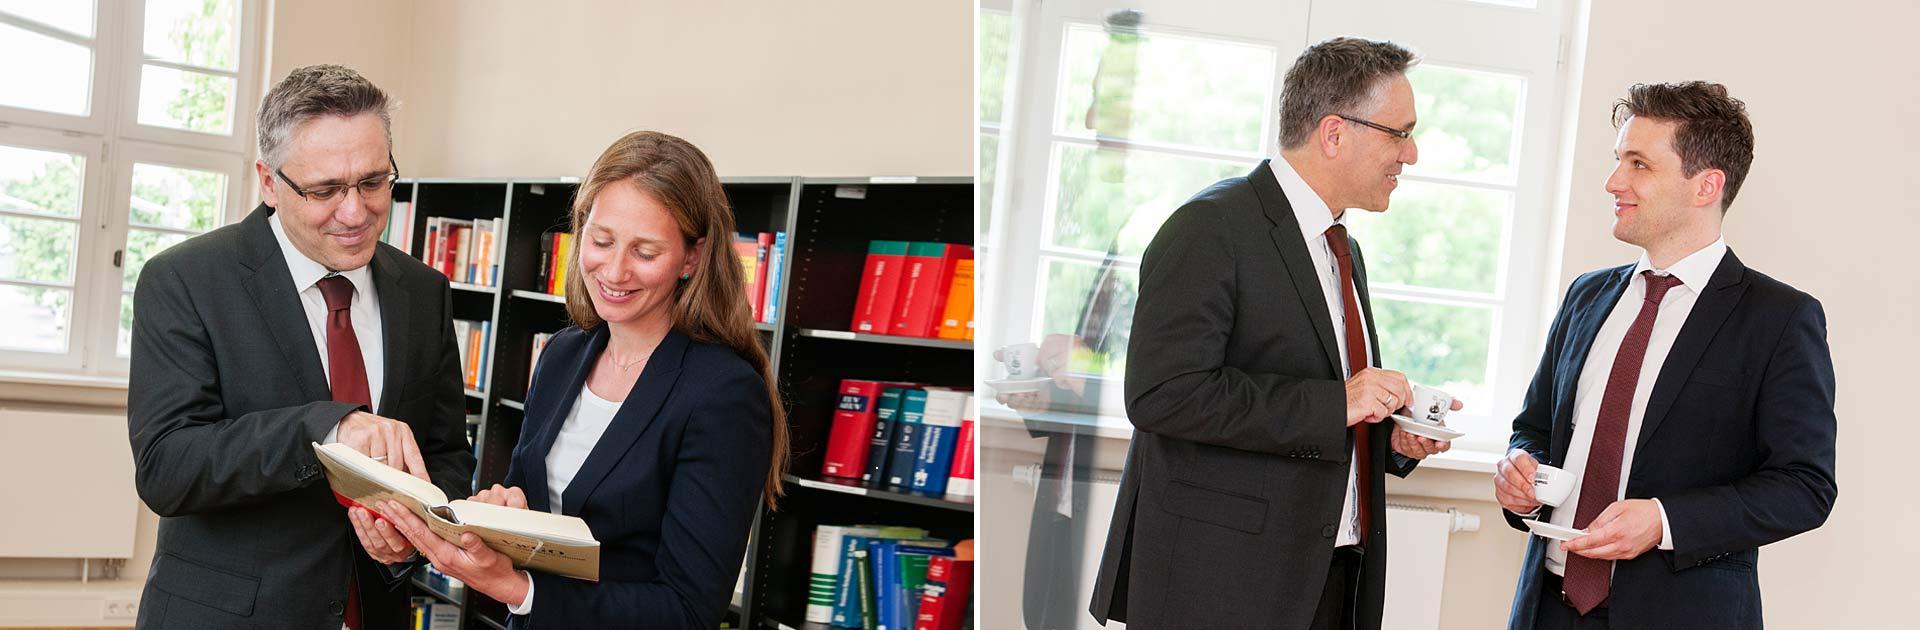 Beratung Kommunalwirtschaft Gruneberg Rechtsanwälte Team